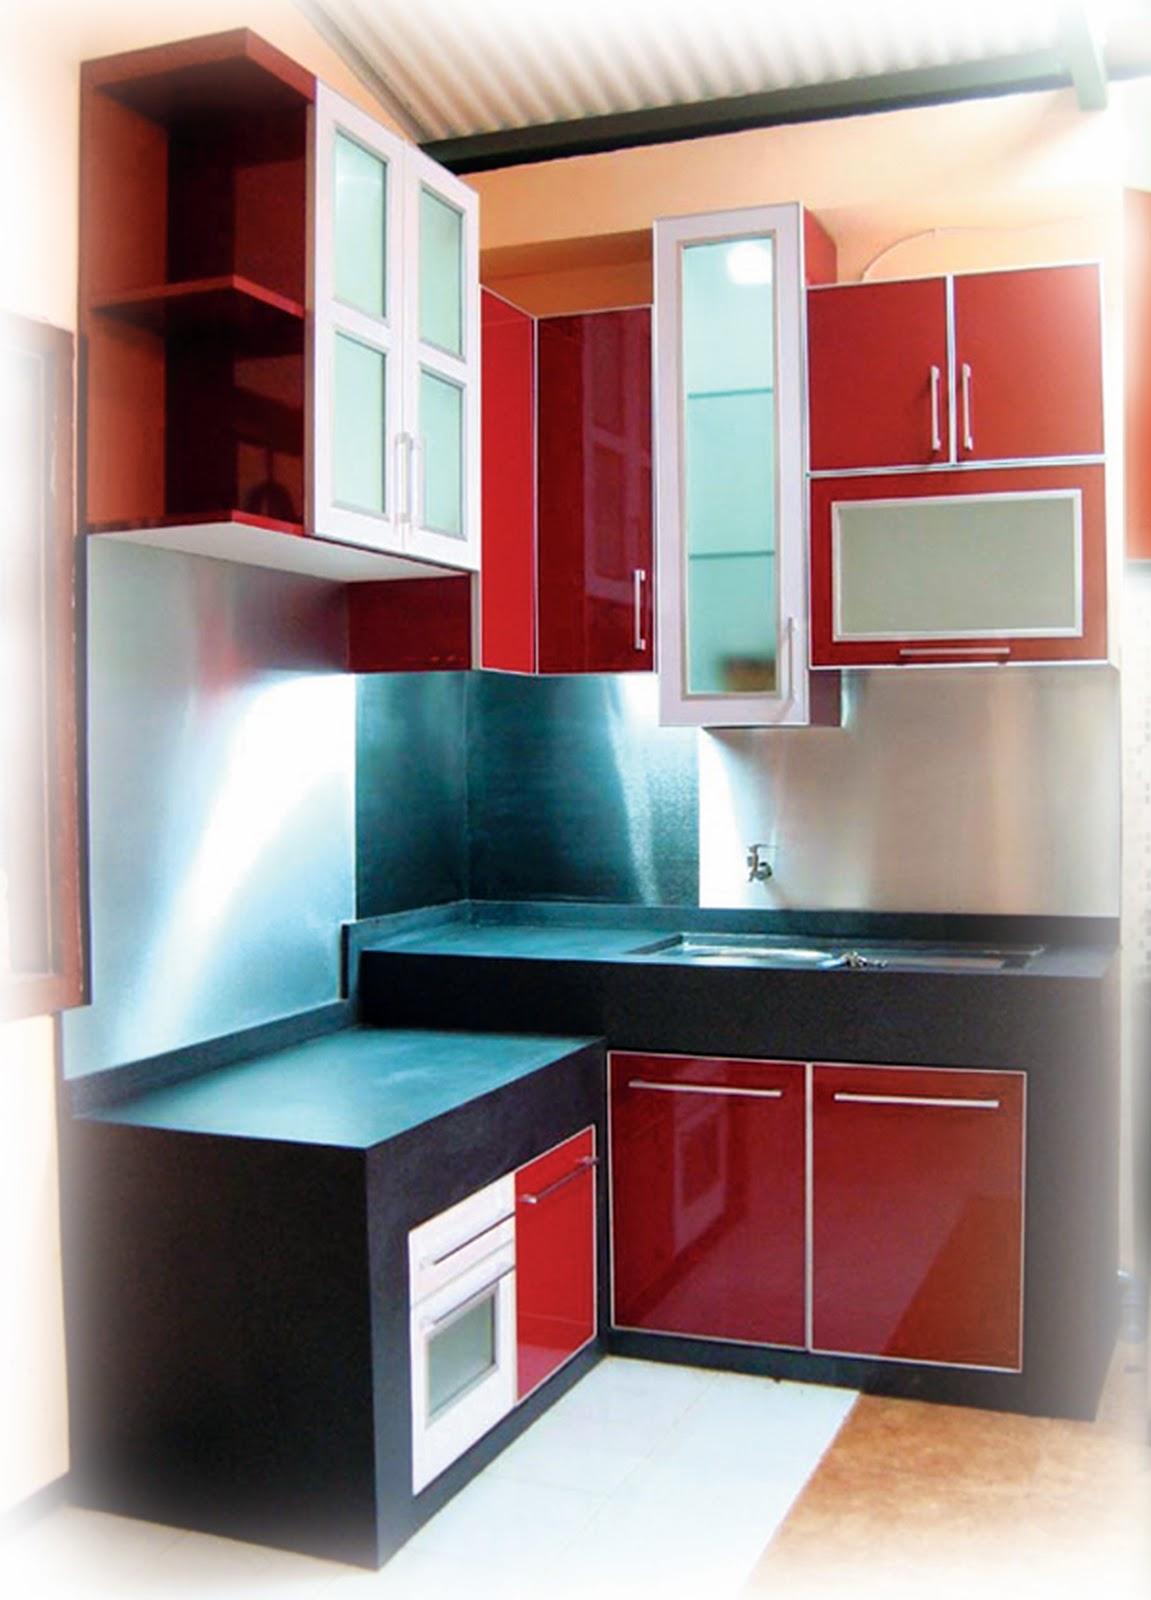 Sauza Design Collection Bagaimana Cara Untuk Memperlihatkan Dapur